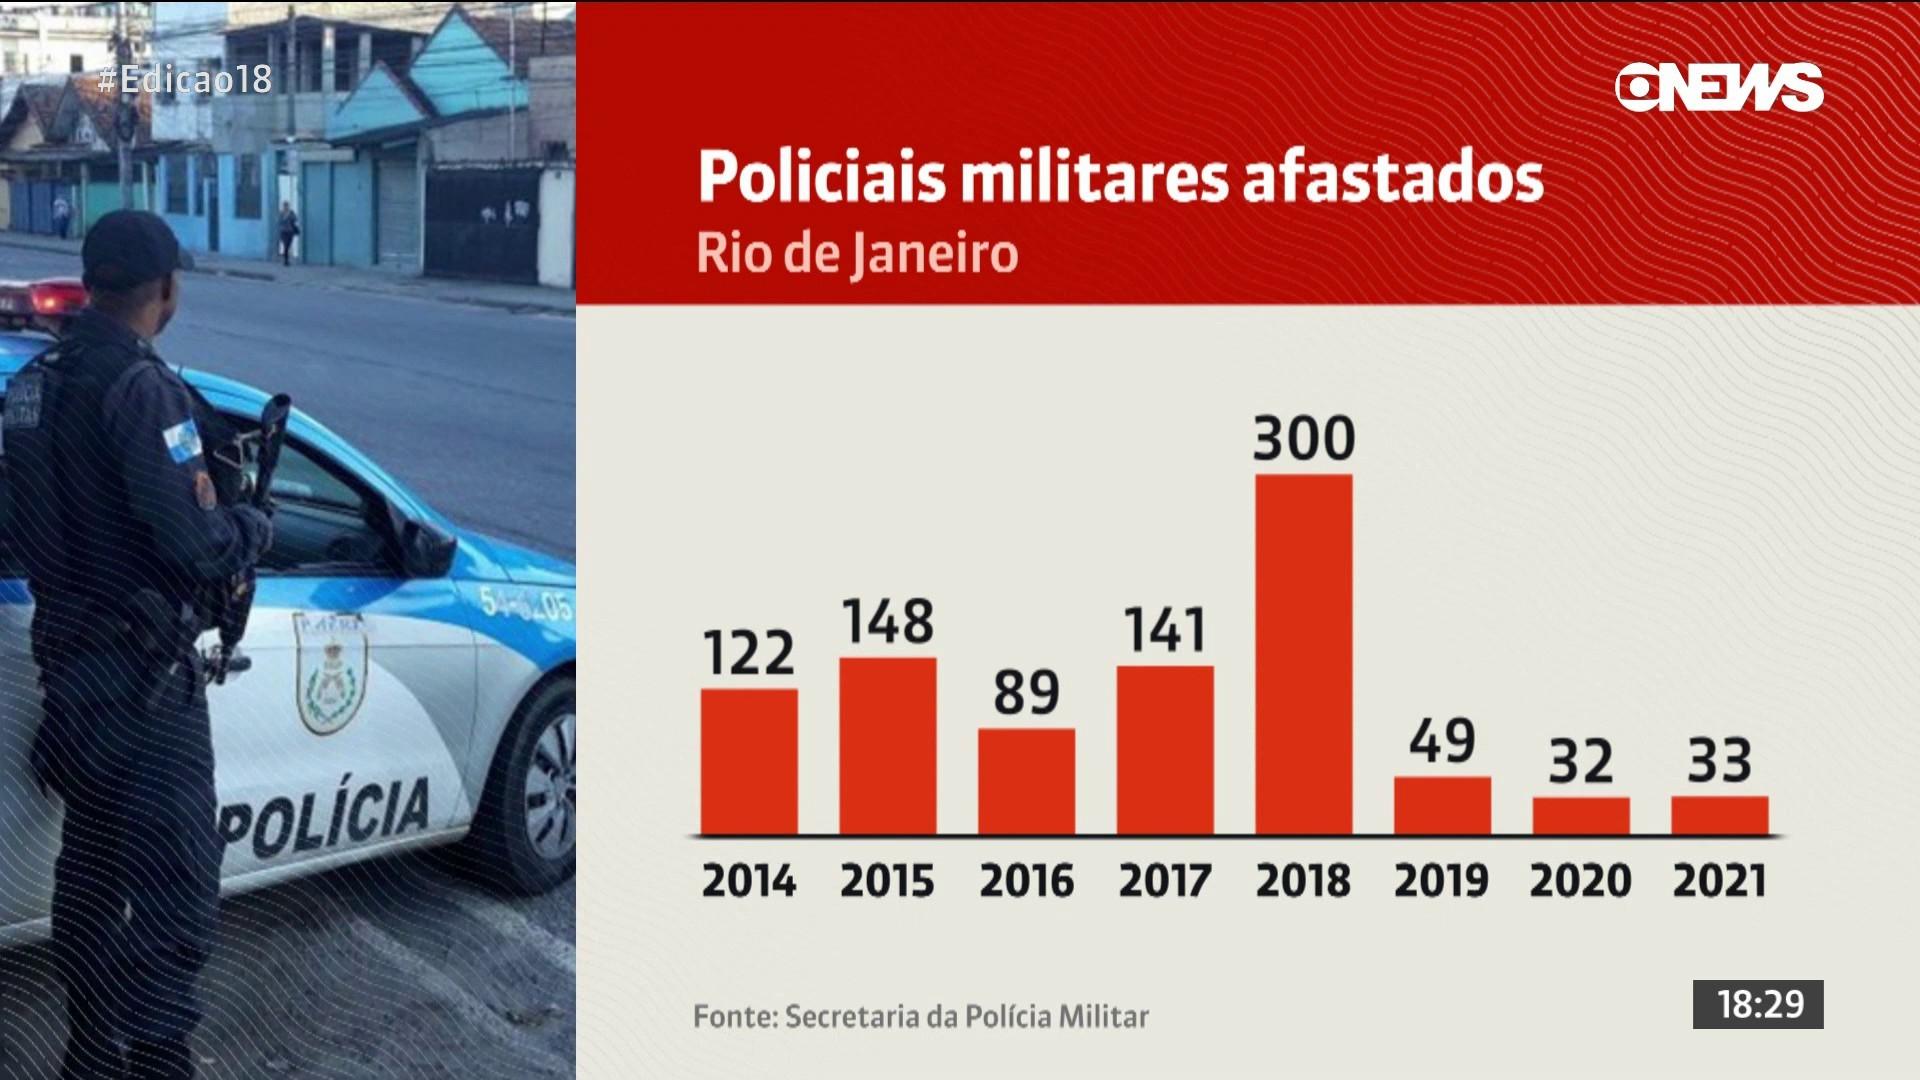 Nos últimos 8 anos, a cada 3 dias um PM foi excluído ou afastado por cometer crime no RJ